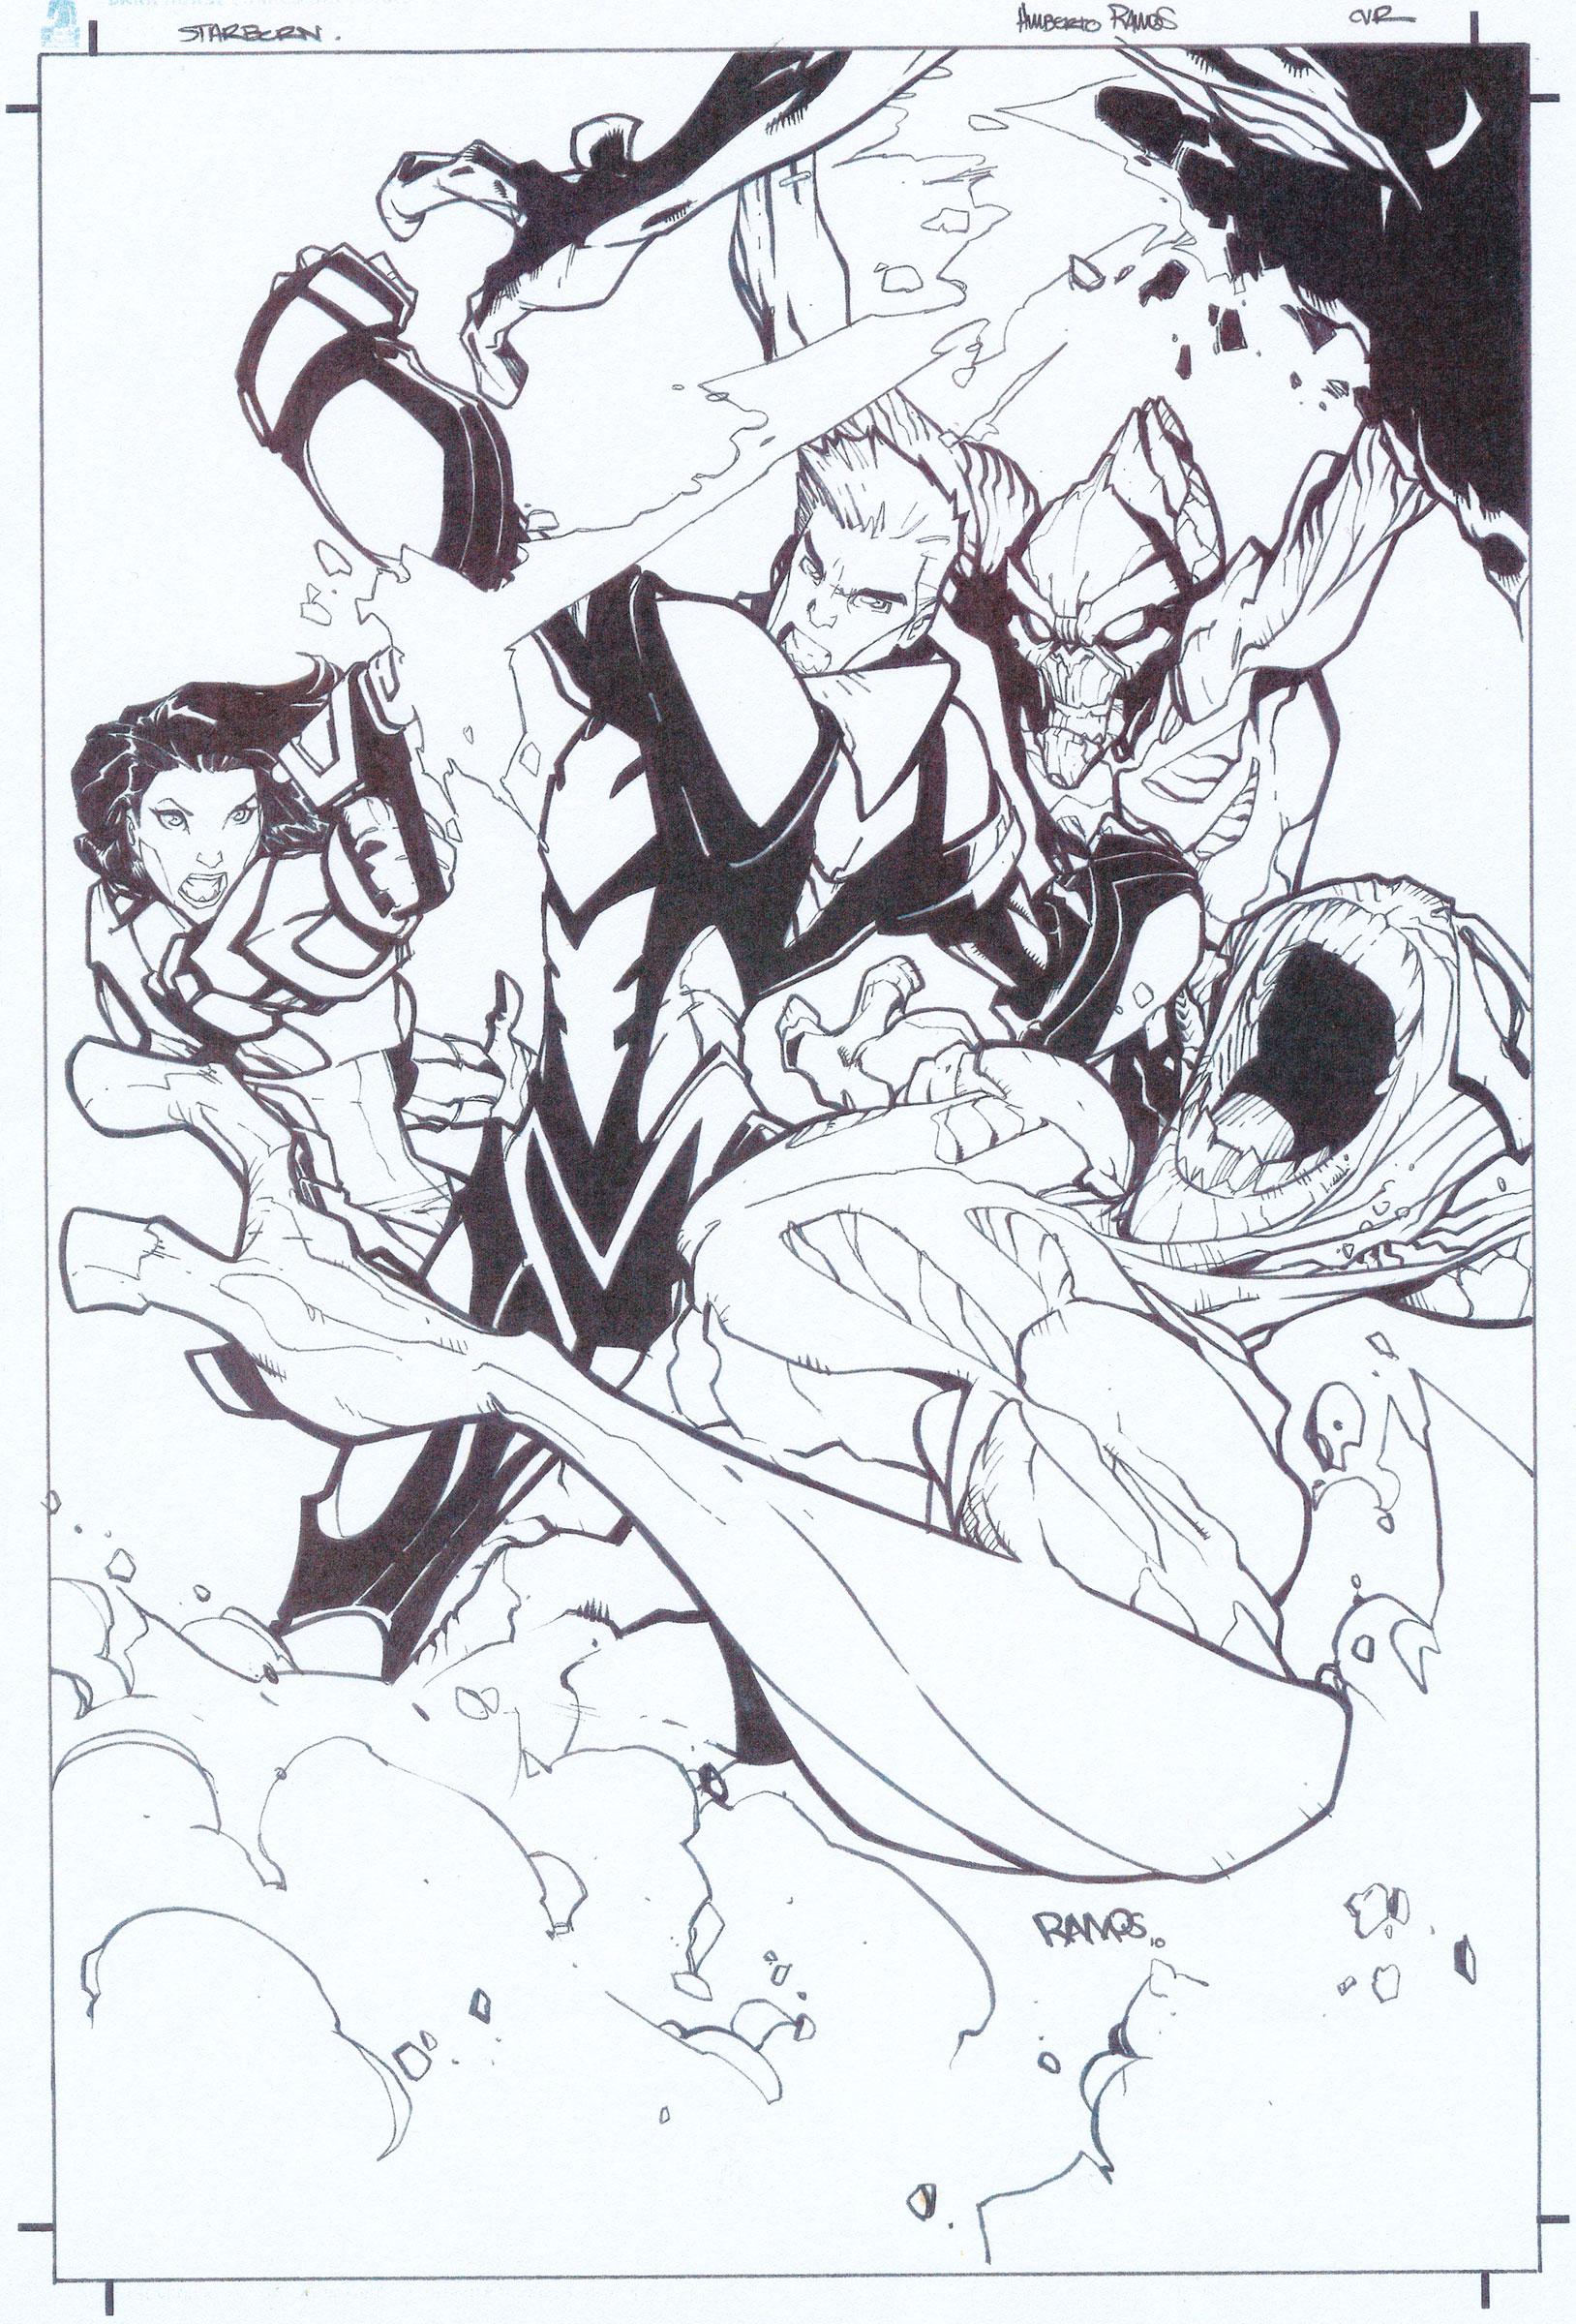 HUMBERTO RAMOS 2011 STARBORN TPB COVER Comic Art